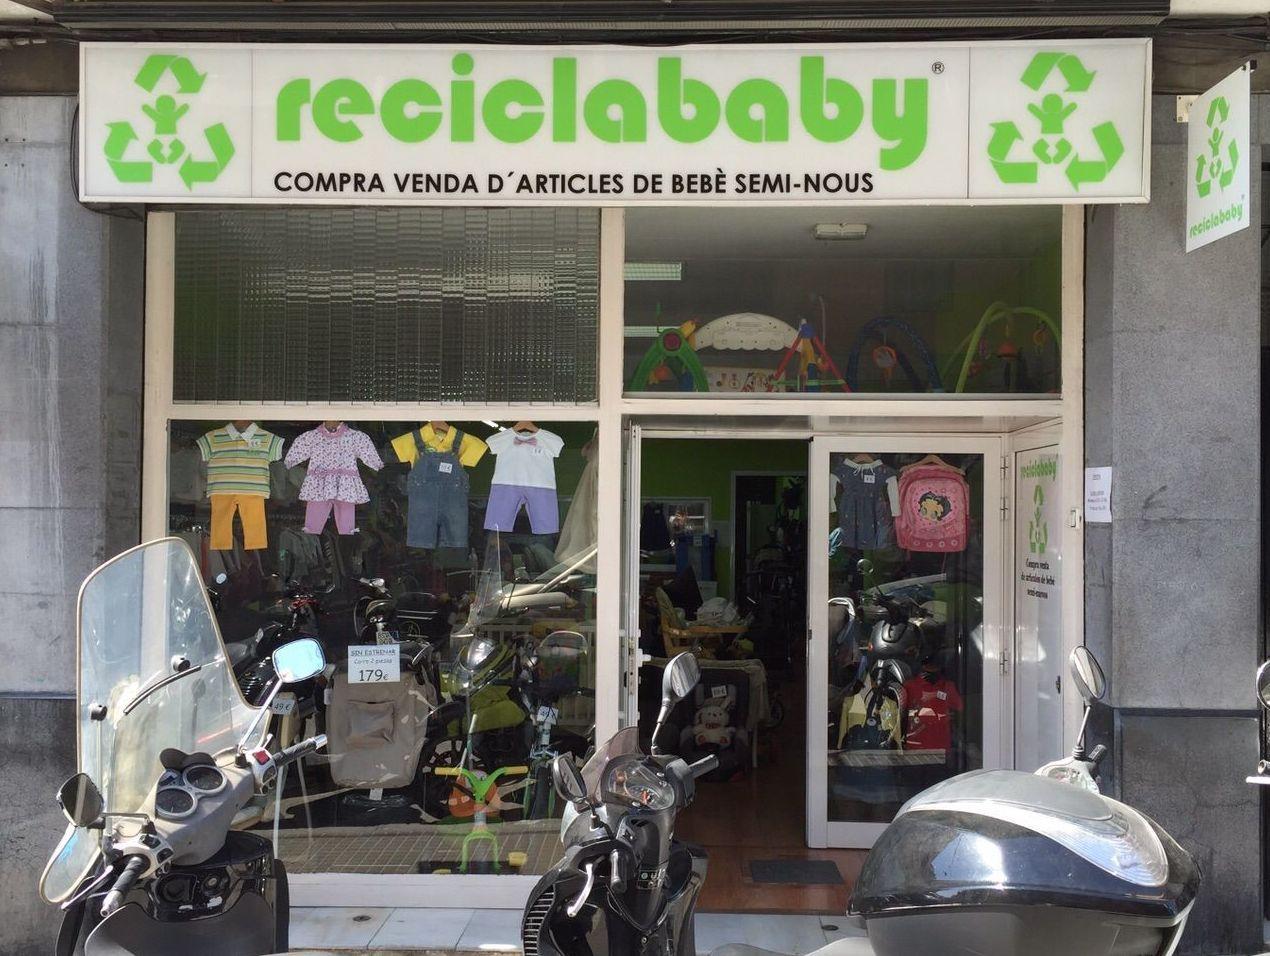 Hoza acogedora personales venta de articulos de bebe de for Segunda mano navarra muebles